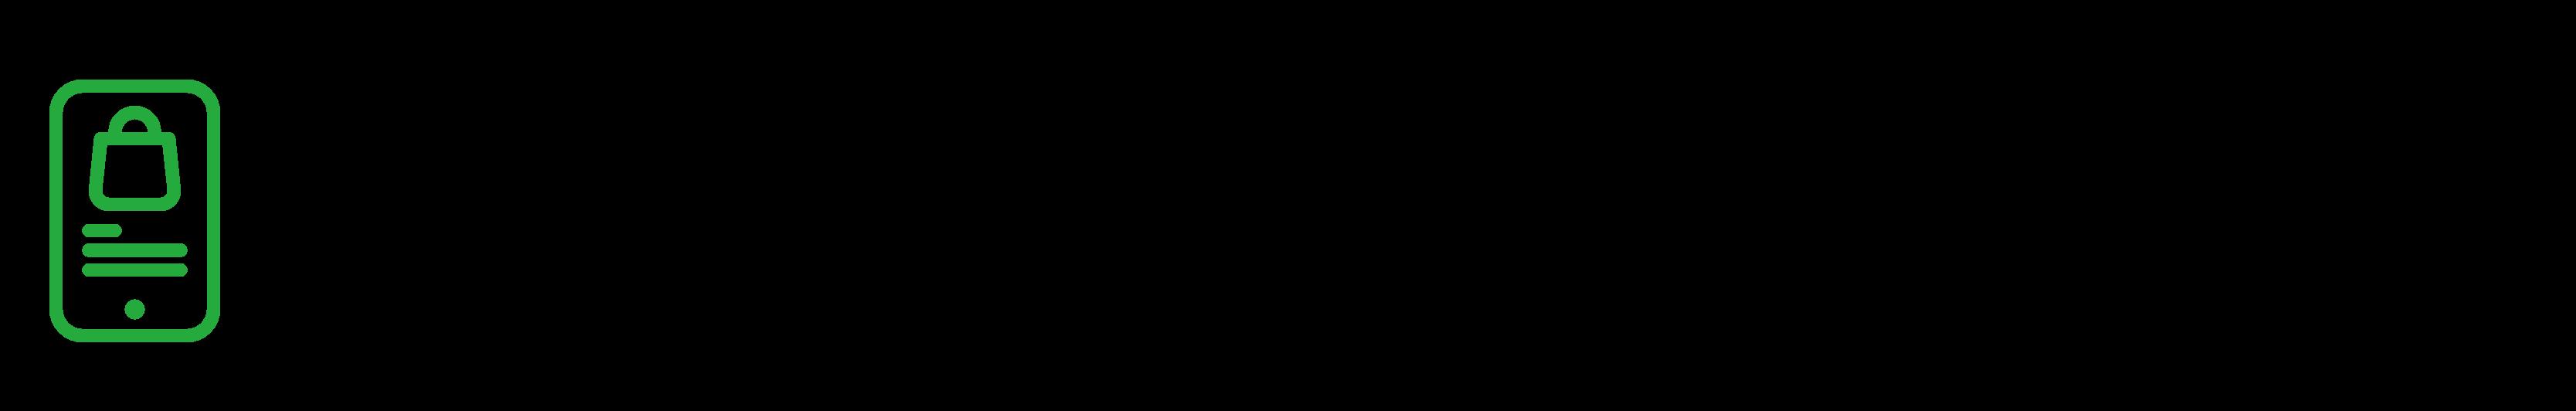 Onlinedukaan.app logo